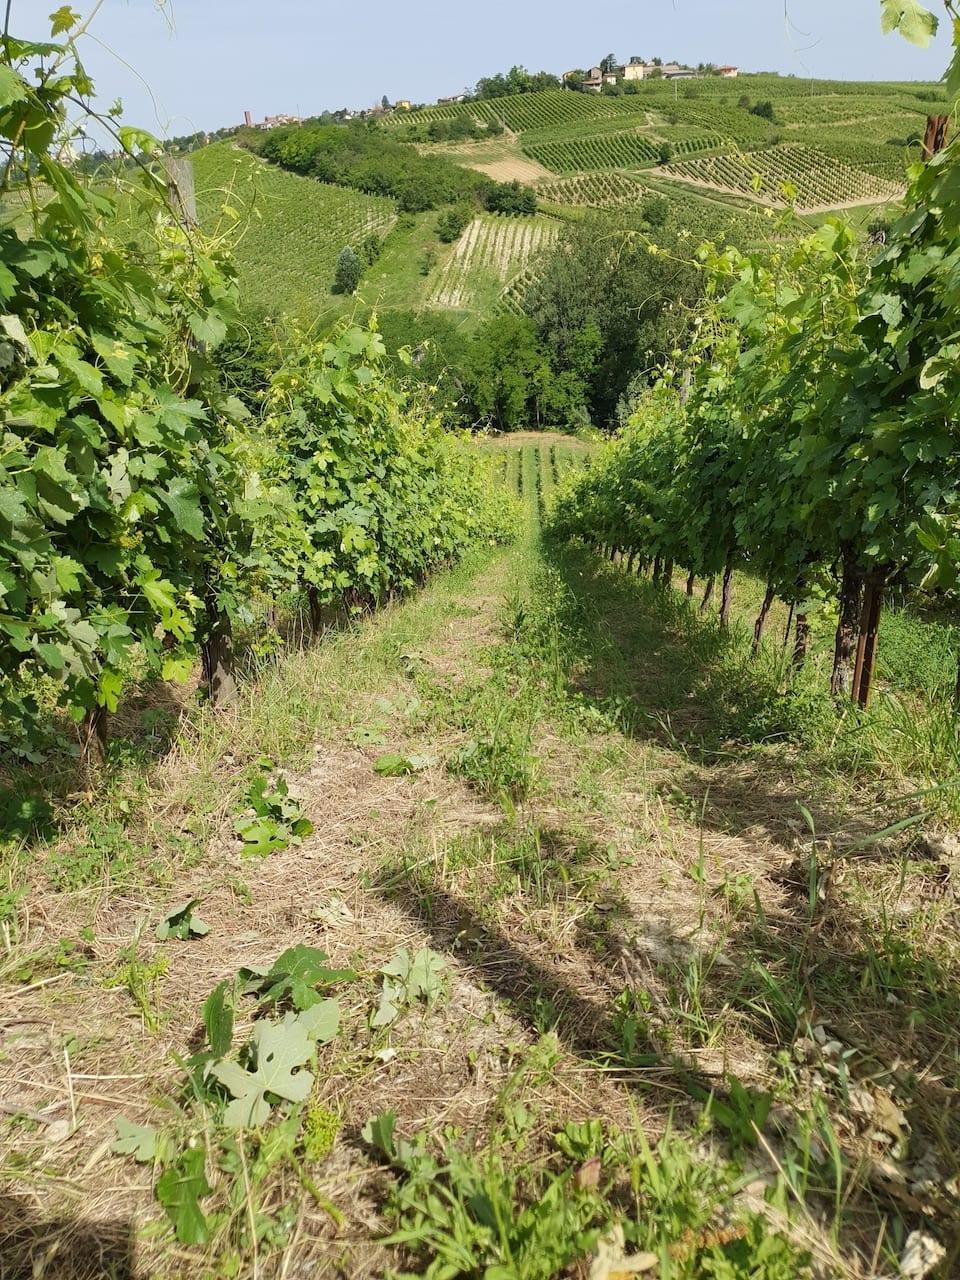 Le vigne di Bisi lasciano ottimi ricordi